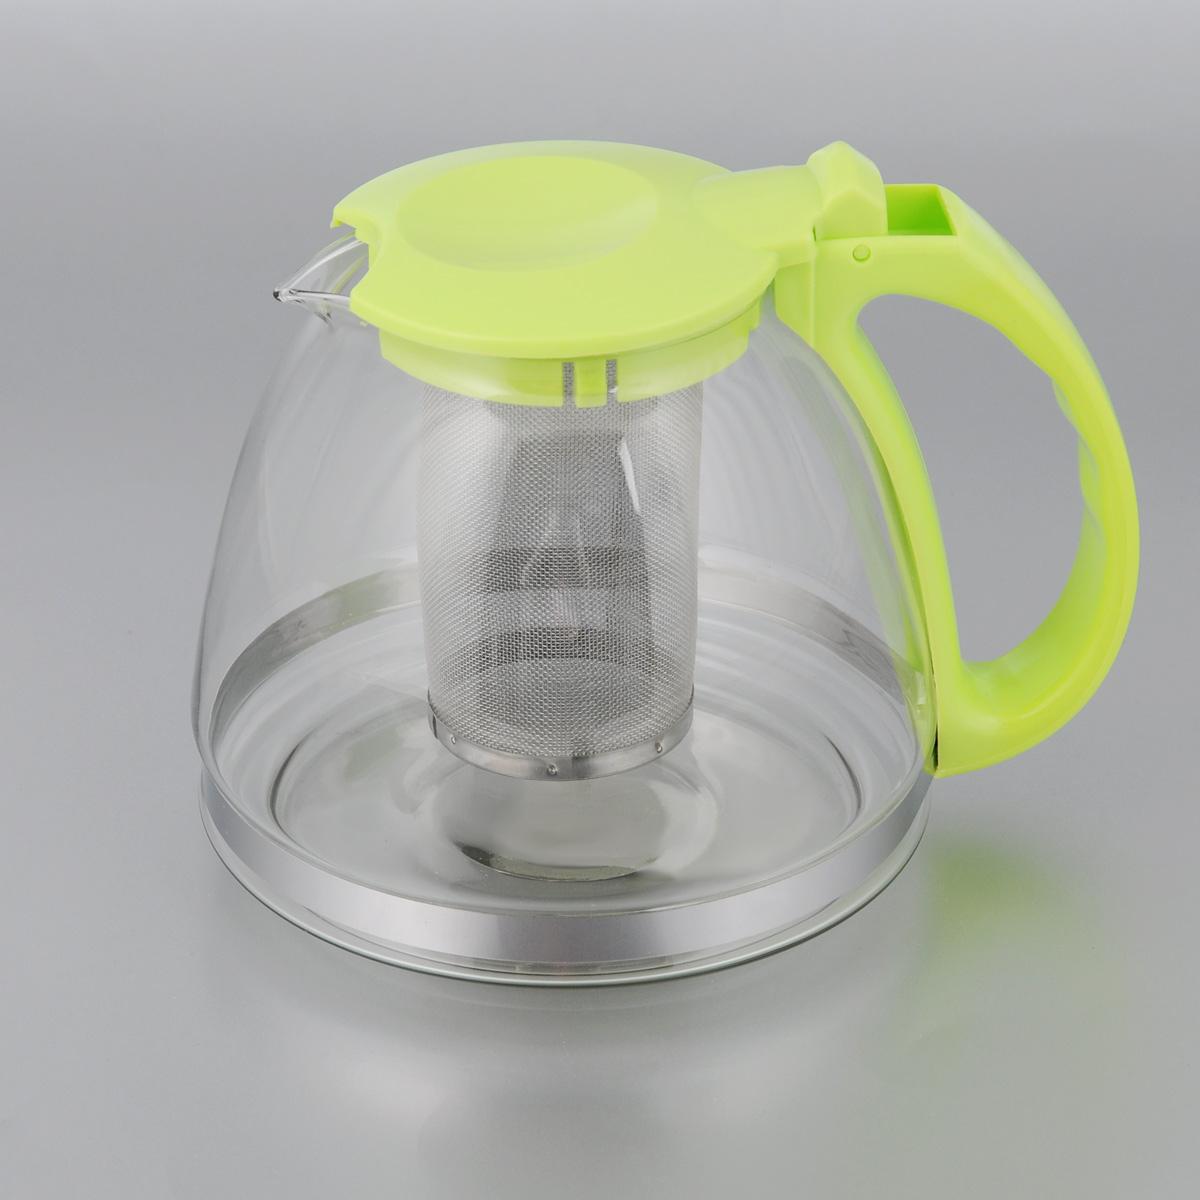 Чайник заварочный МФК-профит, с фильтром, цвет: светло-зеленый, 1,3 л8130-1Заварочный чайник МФК-профит, изготовленный из термостойкого стекла и полипропилена, предоставит вам все необходимые возможности для успешного заваривания чая. Чай в таком чайнике дольше остается горячим, а полезные и ароматические вещества полностью сохраняются в напитке. Чайник оснащен фильтром, который выполнен из нержавеющей стали. Простой и удобный чайник поможет вам приготовить крепкий, ароматный чай. Нельзя мыть в посудомоечной машине. Не использовать в микроволновой печи. Диаметр чайника (по верхнему краю): 7,5 см. Высота чайника (без учета крышки): 13 см. Высота фильтра: 10 см.